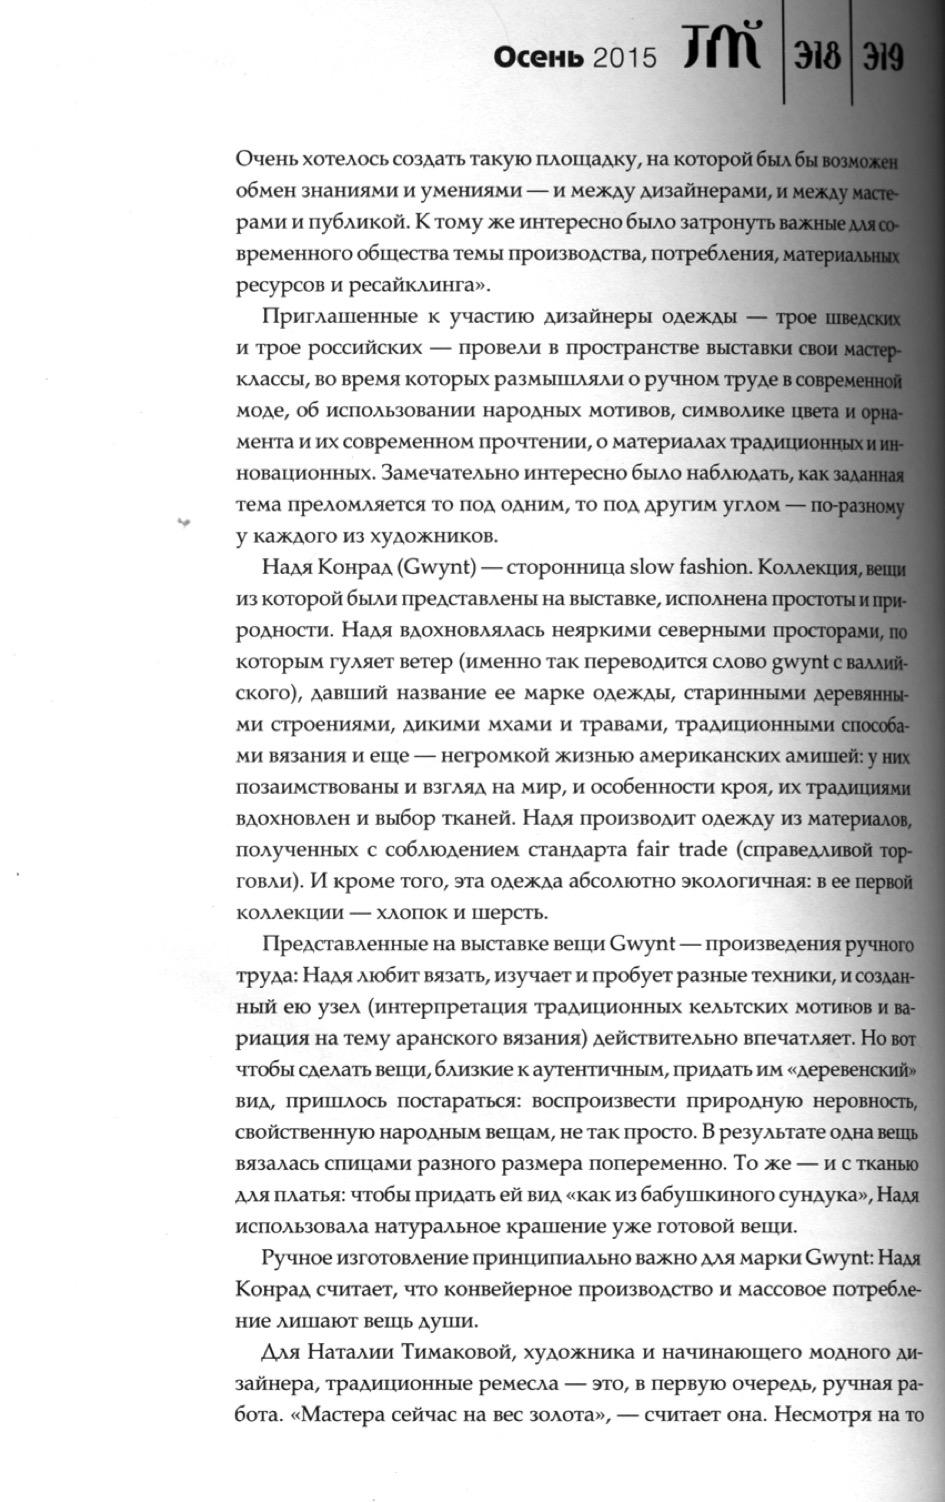 FASHION THEORY page 4